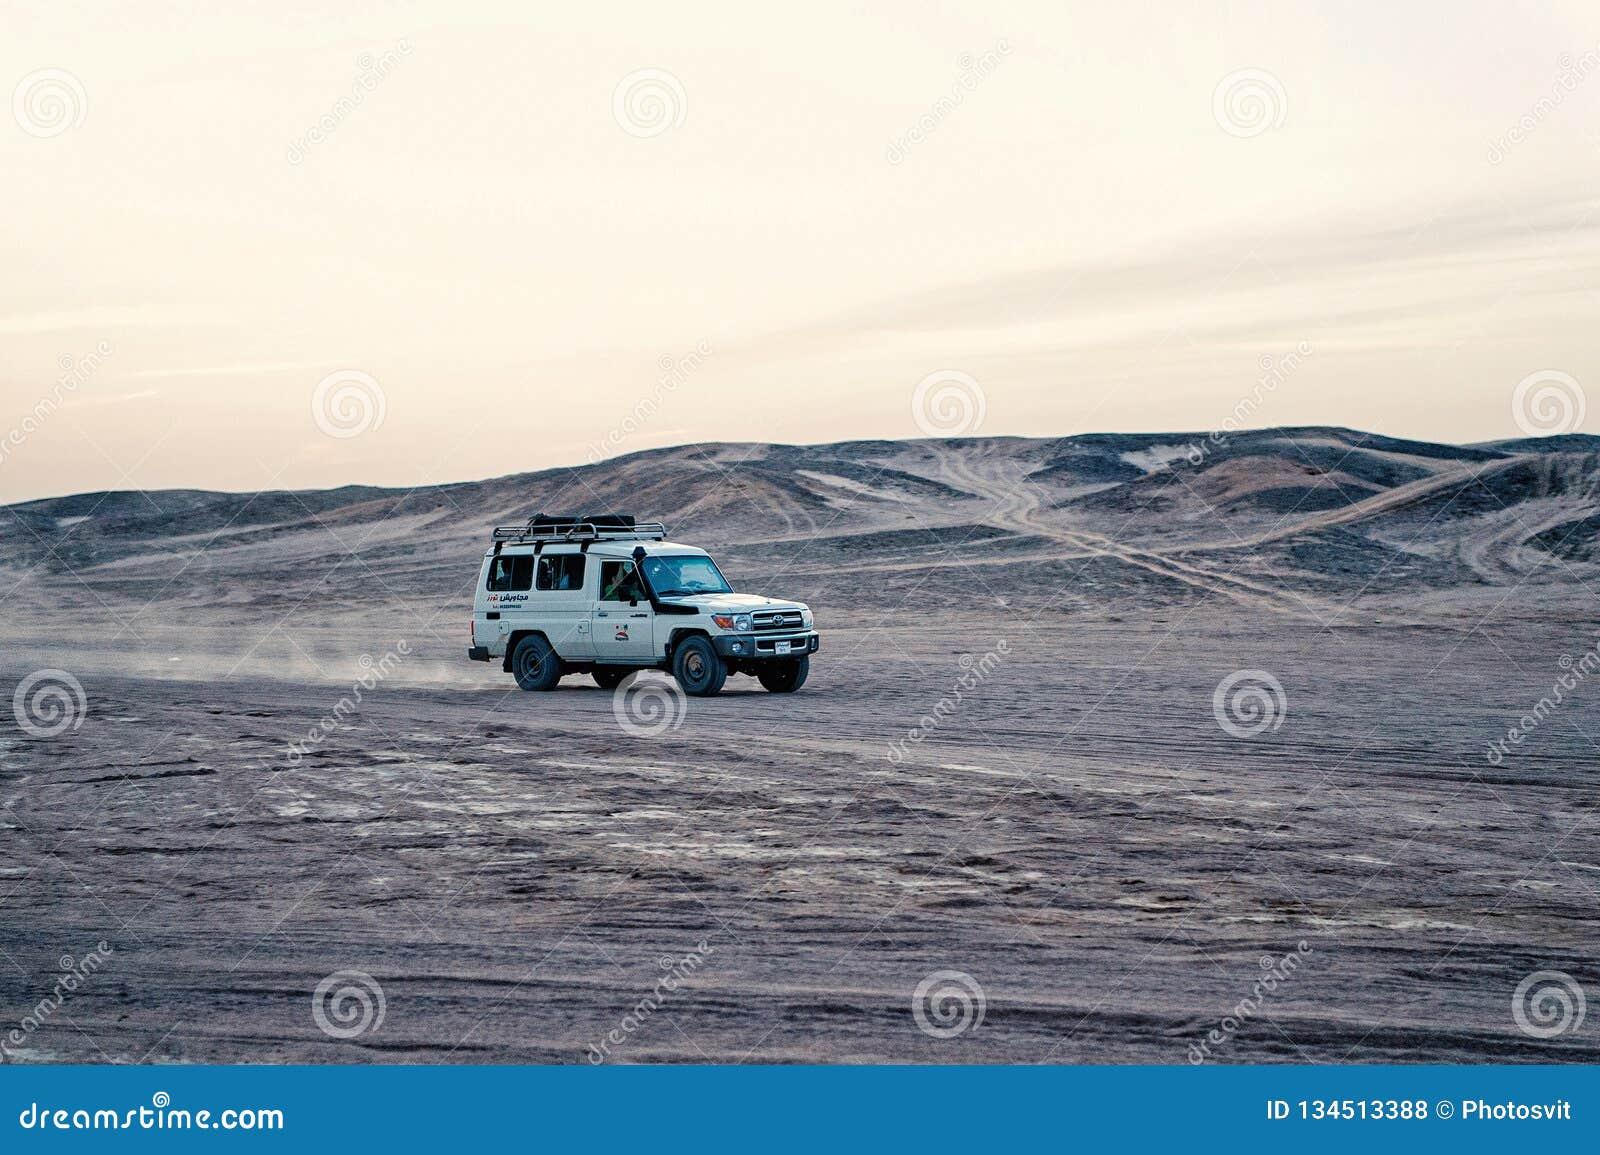 Car in desert, Hurghada, Egypt